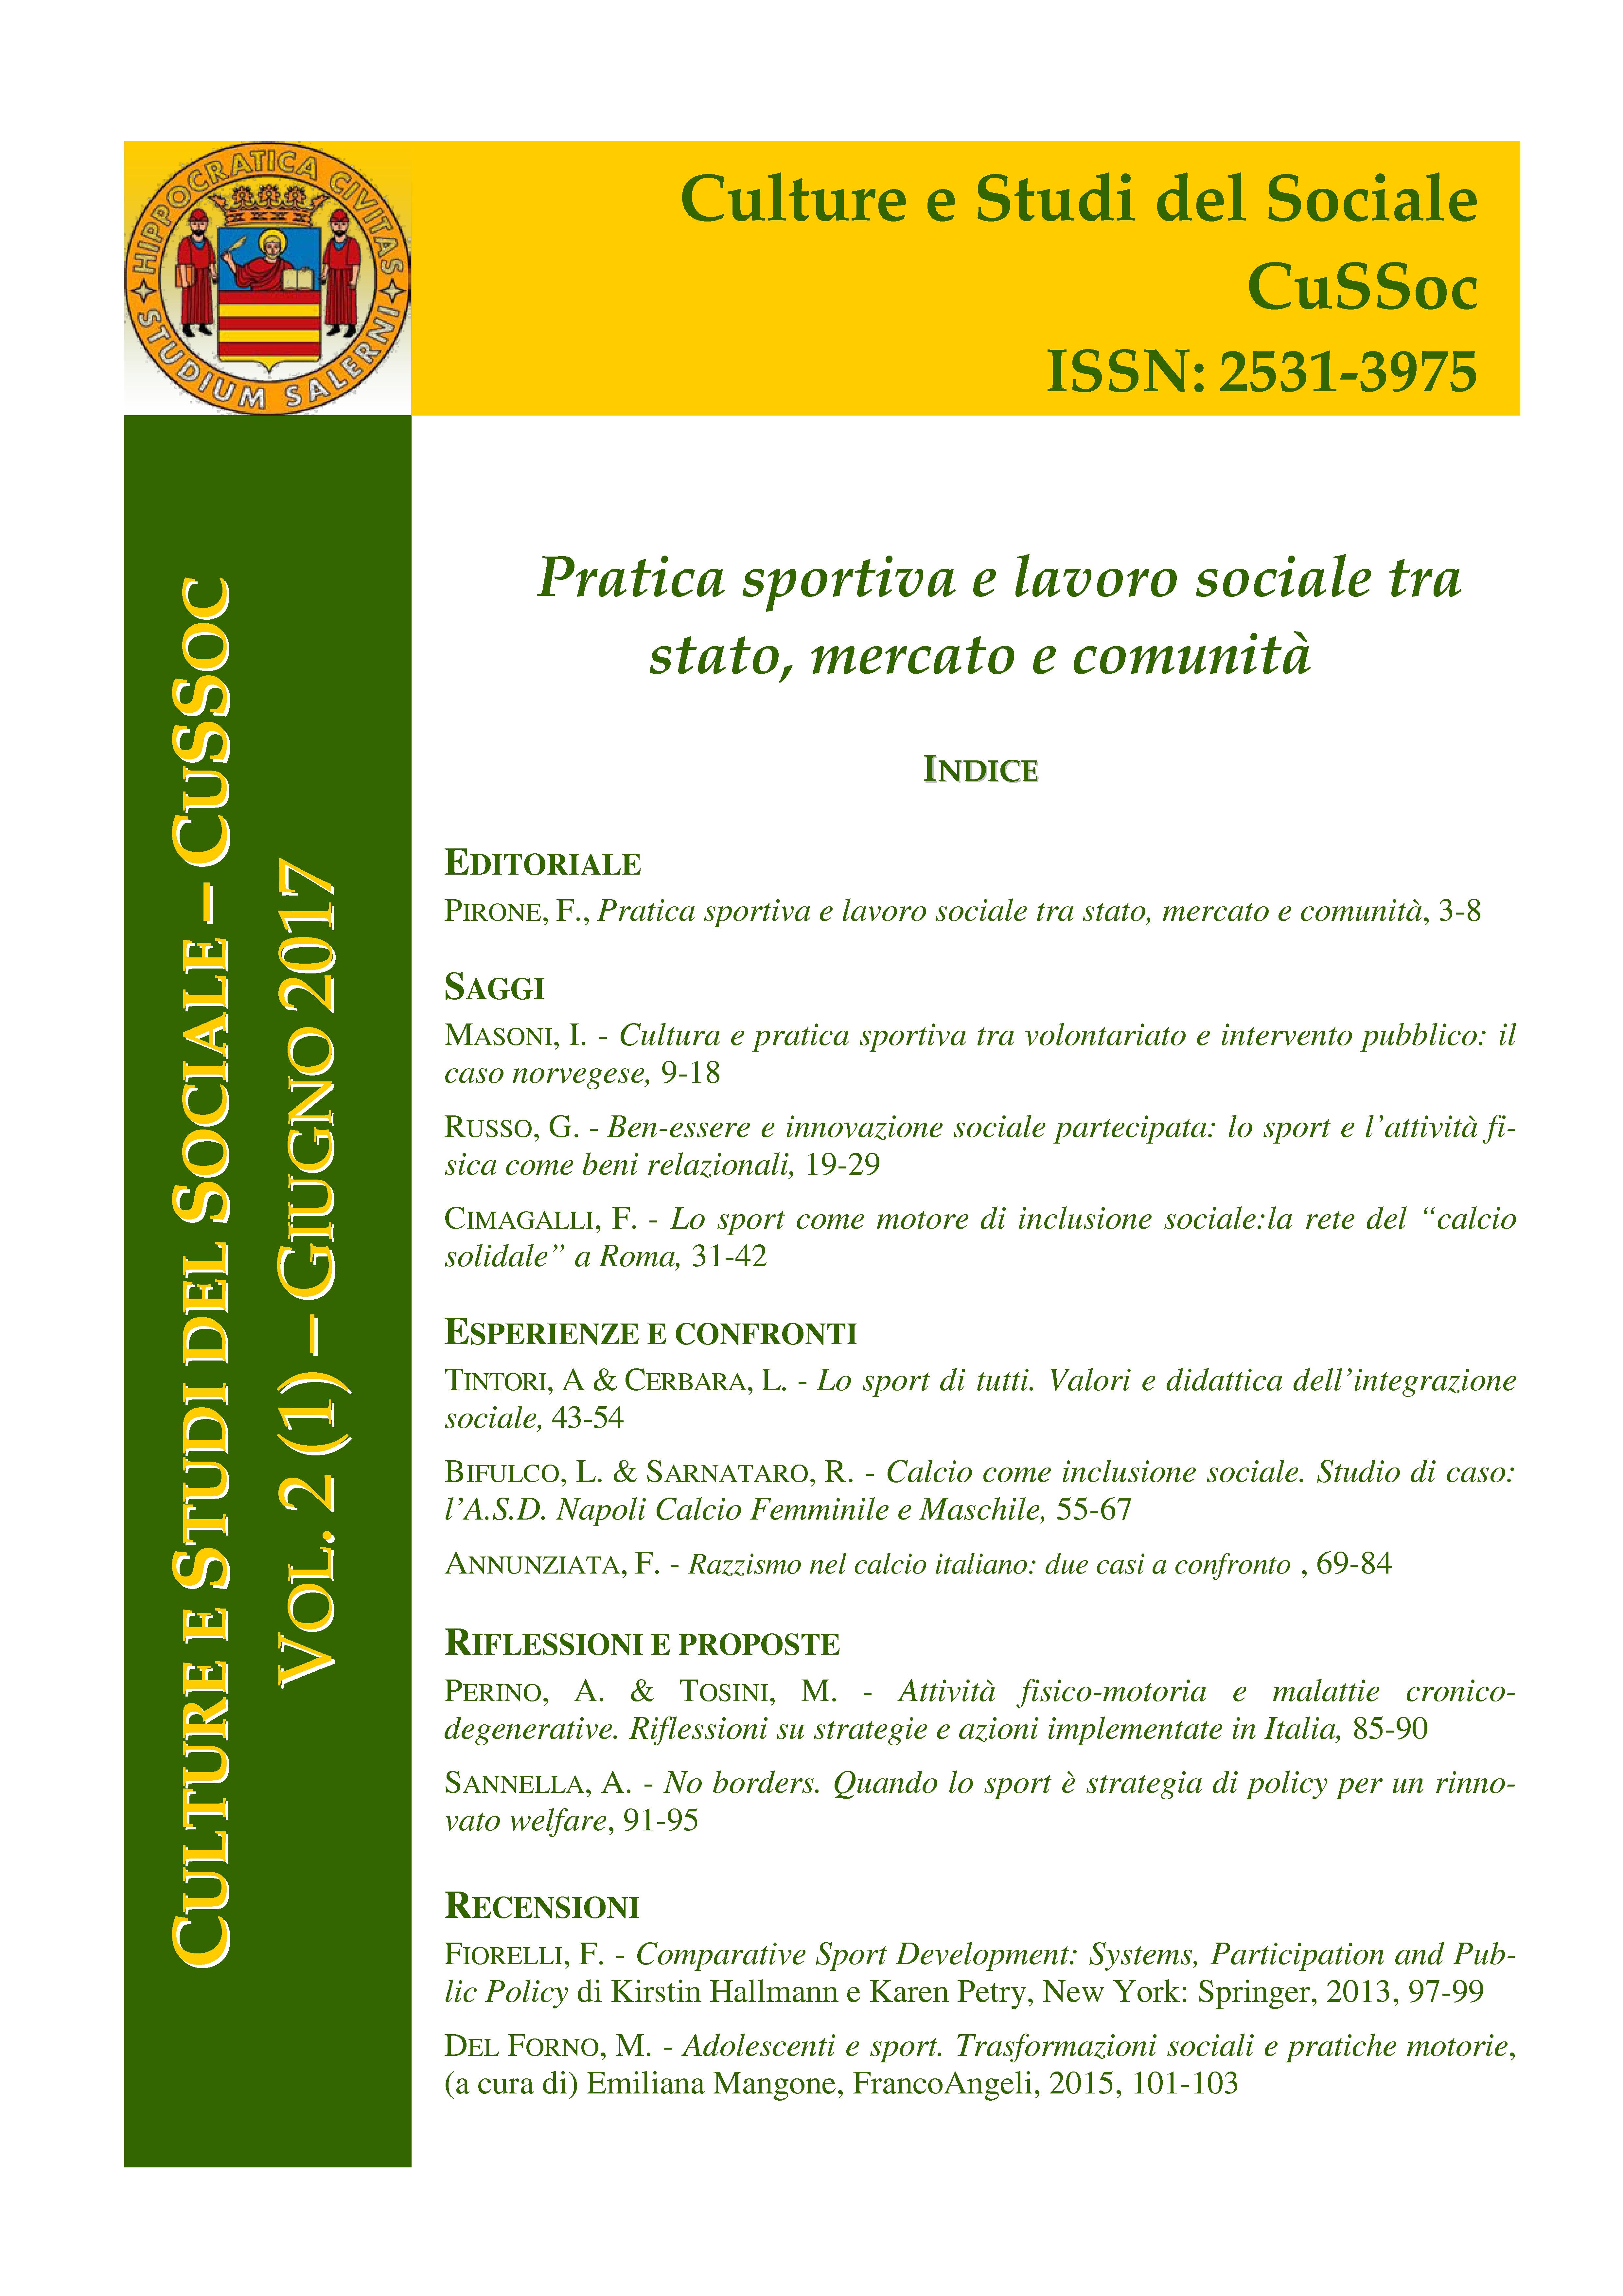 View Vol. 2 No. 1 (2017): Pratica sportiva e lavoro sociale tra stato, mercato e comunità